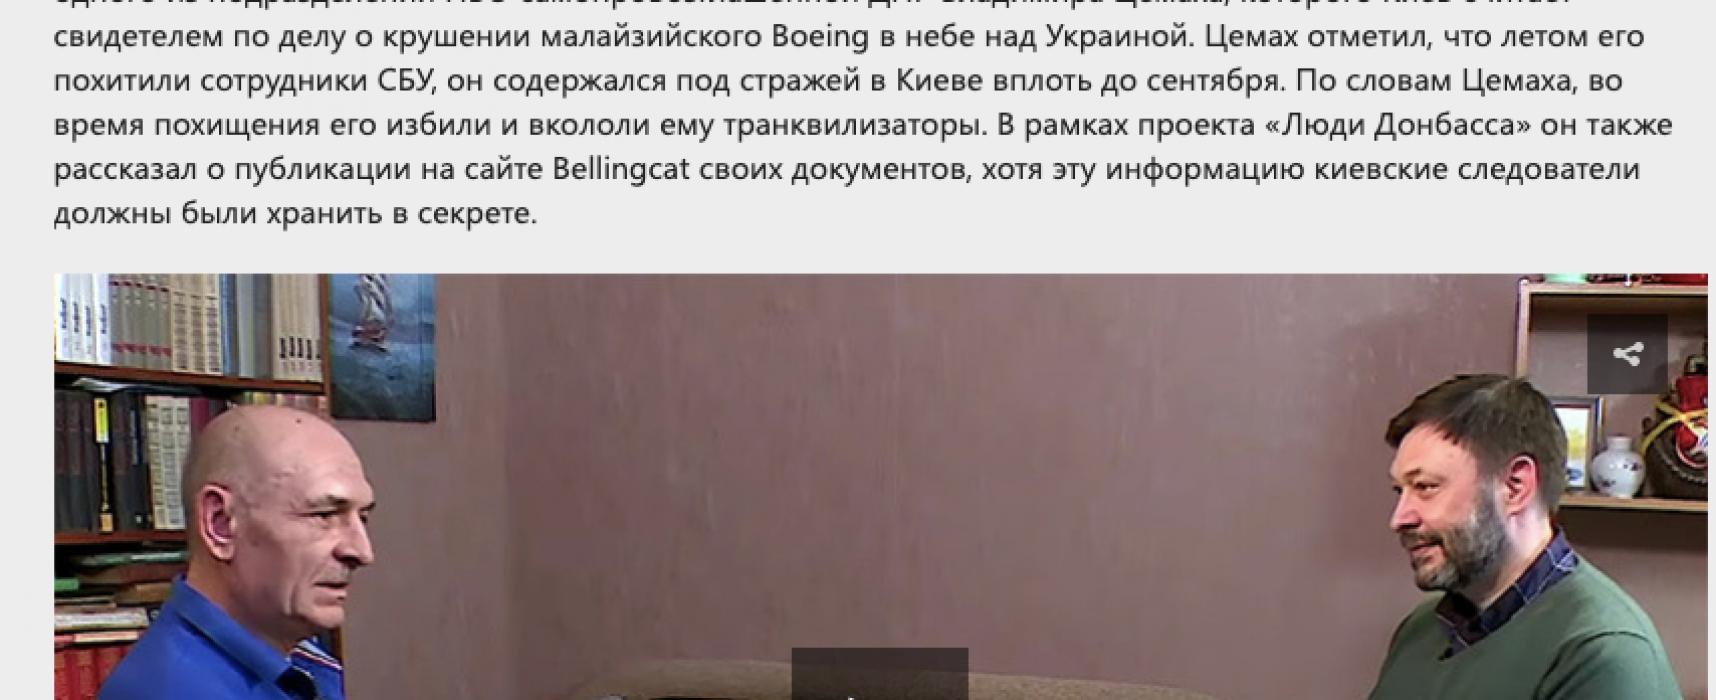 Volodimir Tsemaj concede una entrevista para RIA Novosti y no comenta ni una palabra sobre el MH17